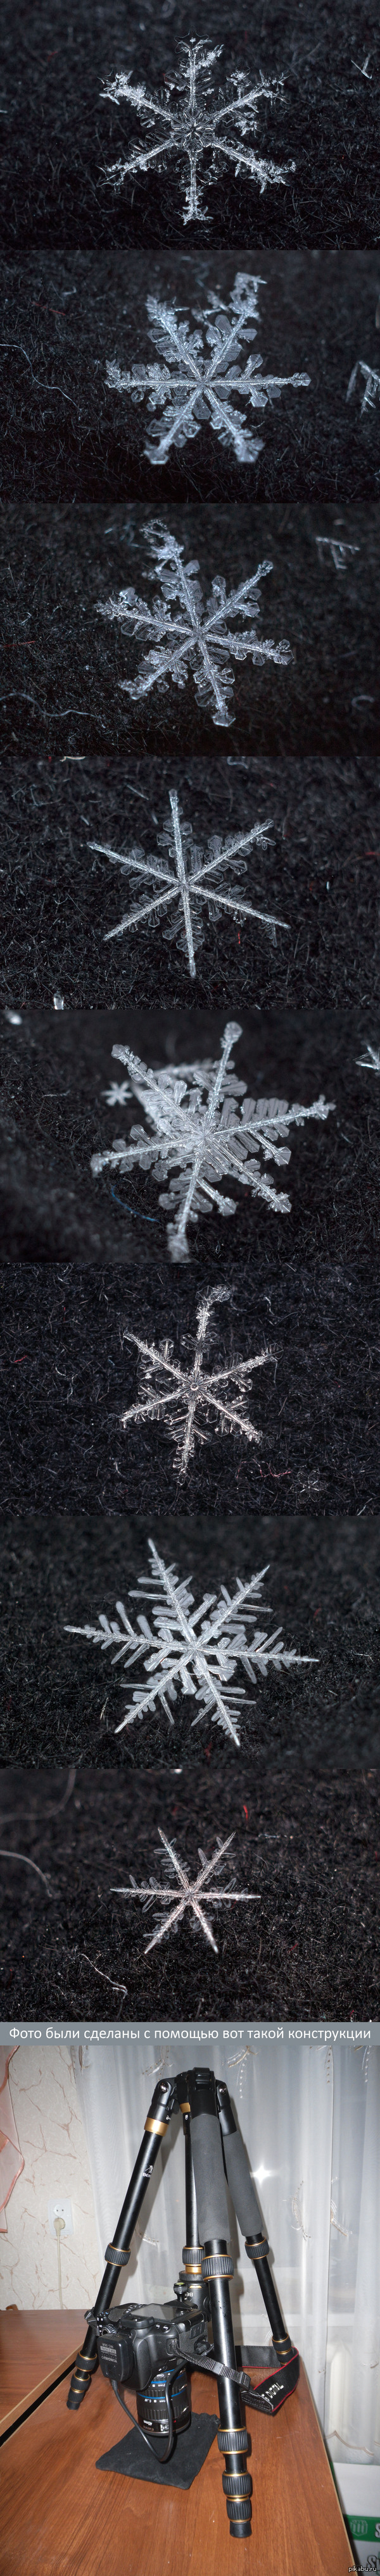 Снежинки макро, часть 2